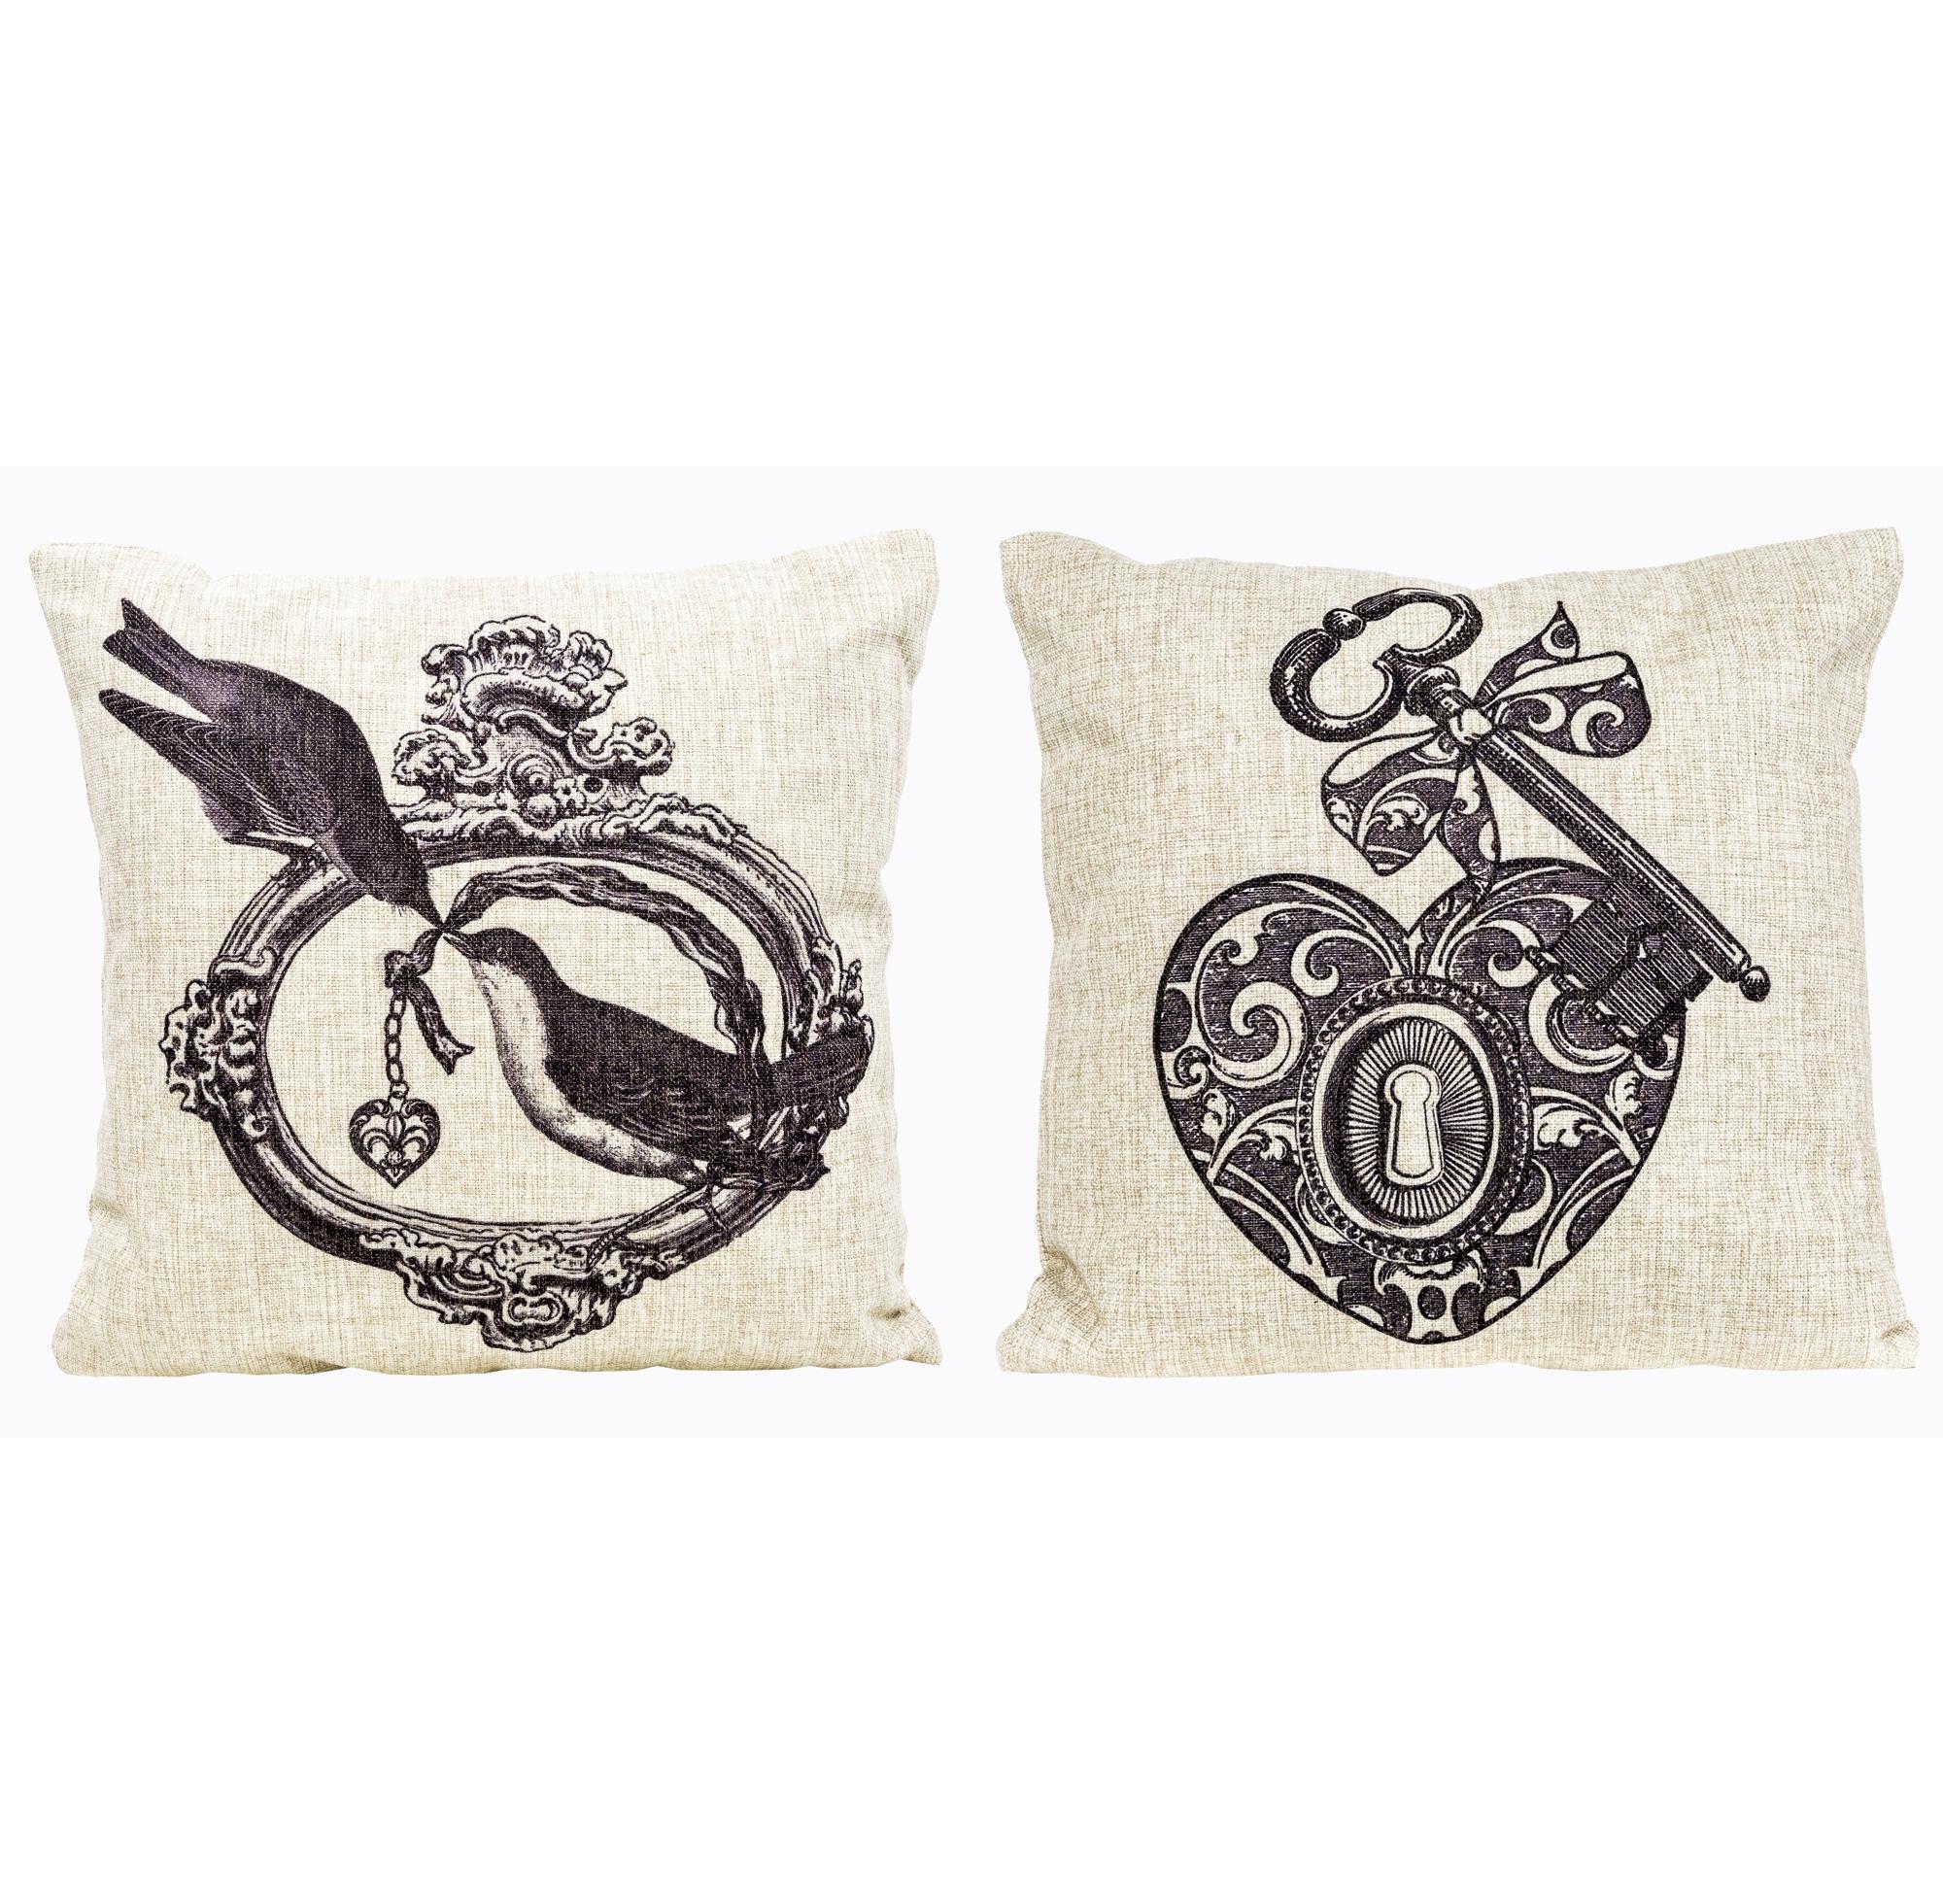 Набор из двух декоративных подушек Старинная гравюра, версия 1Квадратные подушки и наволочки<br>Декоративные  подушки «Старинная гравюра»  - небольшая, но значимая деталь интерьера, наполняющая его яркостью, теплом и изыском. Мягкие подушечки, как знак комфорта, уюта и гостеприимства, всегда желанны в гостиных, спальнях и холлах. Создайте же в своем доме сказочный уголок, - теперь у Вас есть всё необходимое.  Красота Вашей подушки зависит не только от изысканного рисунка, но и от настоящего качества ткани, сохраняющей подушке правильную аккуратную форму.<br><br>Material: Лен<br>Width см: 45<br>Height см: 45